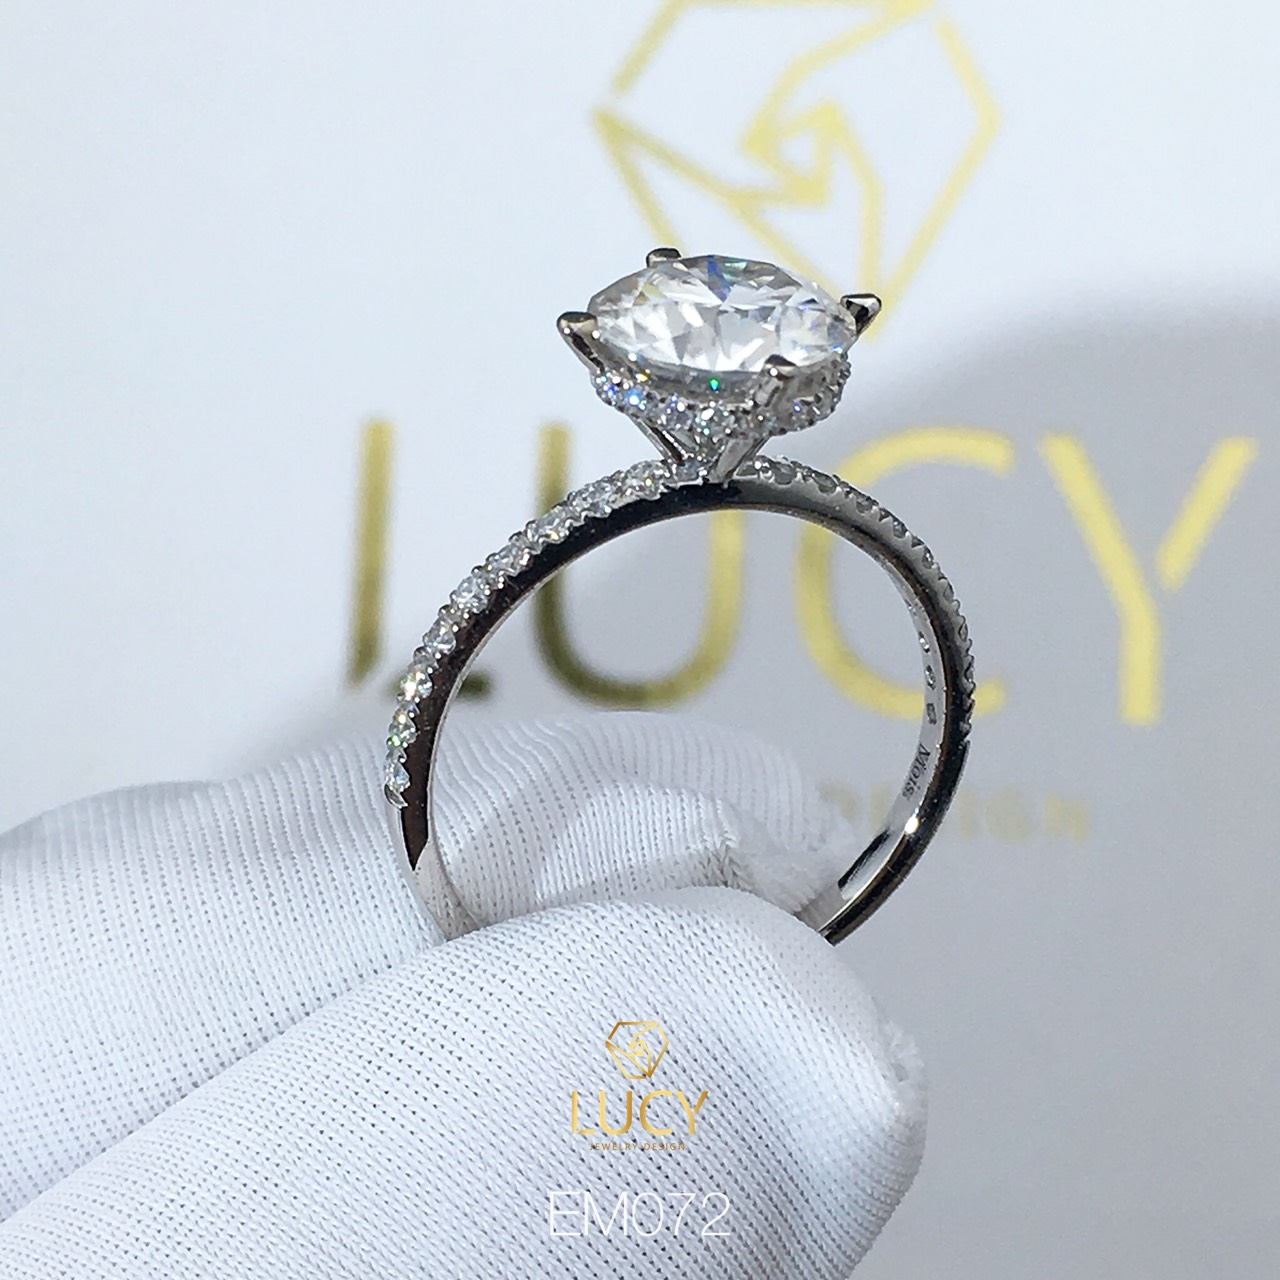 EM072 Nhẫn nữ vàng, nhẫn ổ kim cương 8mm, 8.1mm, nhẫn nữ thiết kế, nhẫn cầu hôn, nhẫn đính hôn - Lucy Jewelry